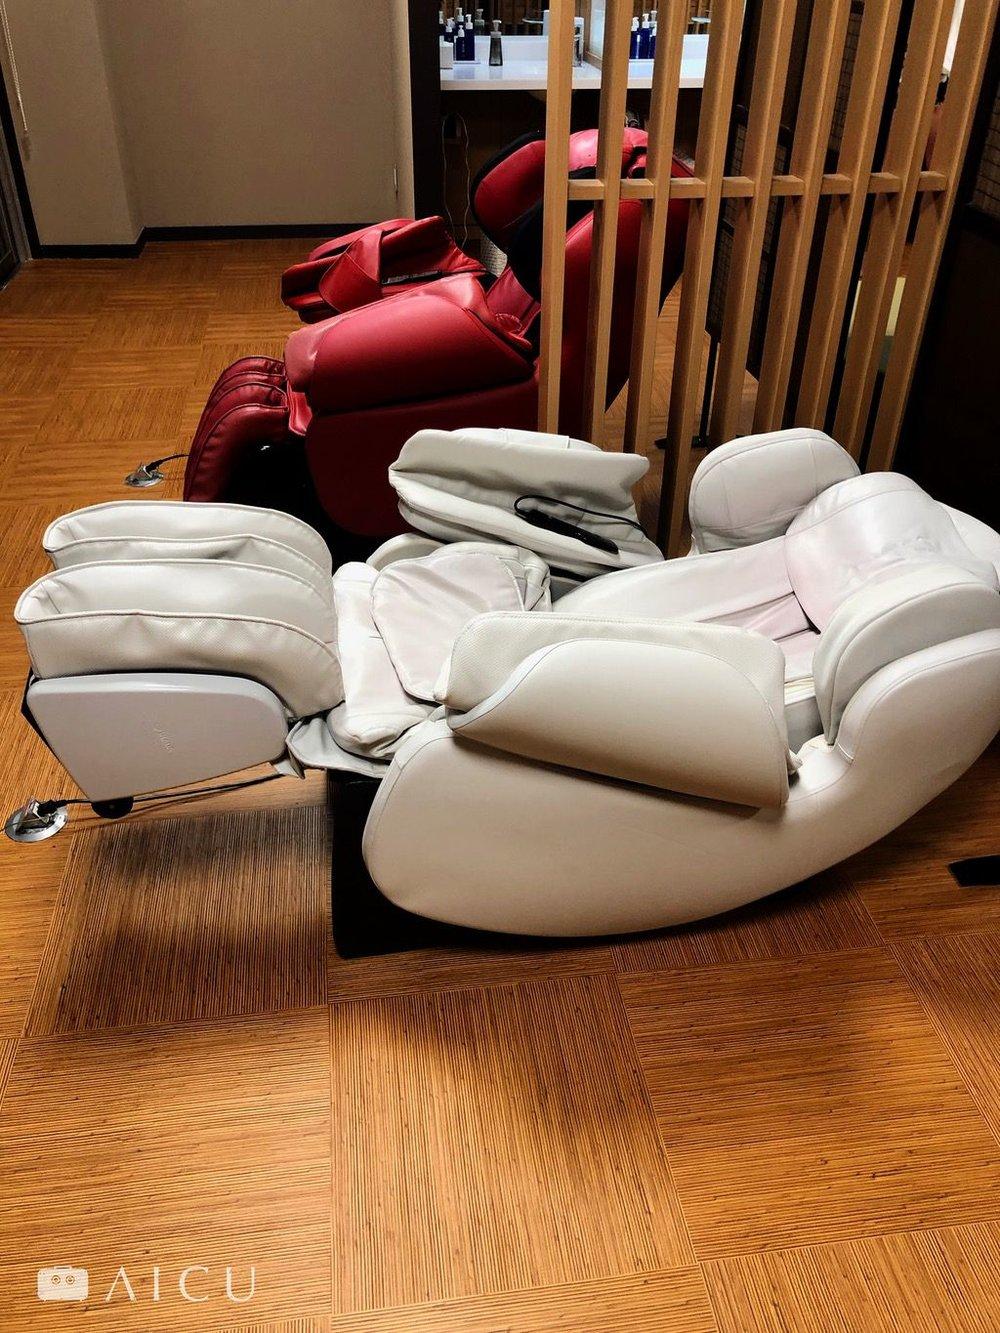 泡完澡再來坐個按摩椅是plus的享受